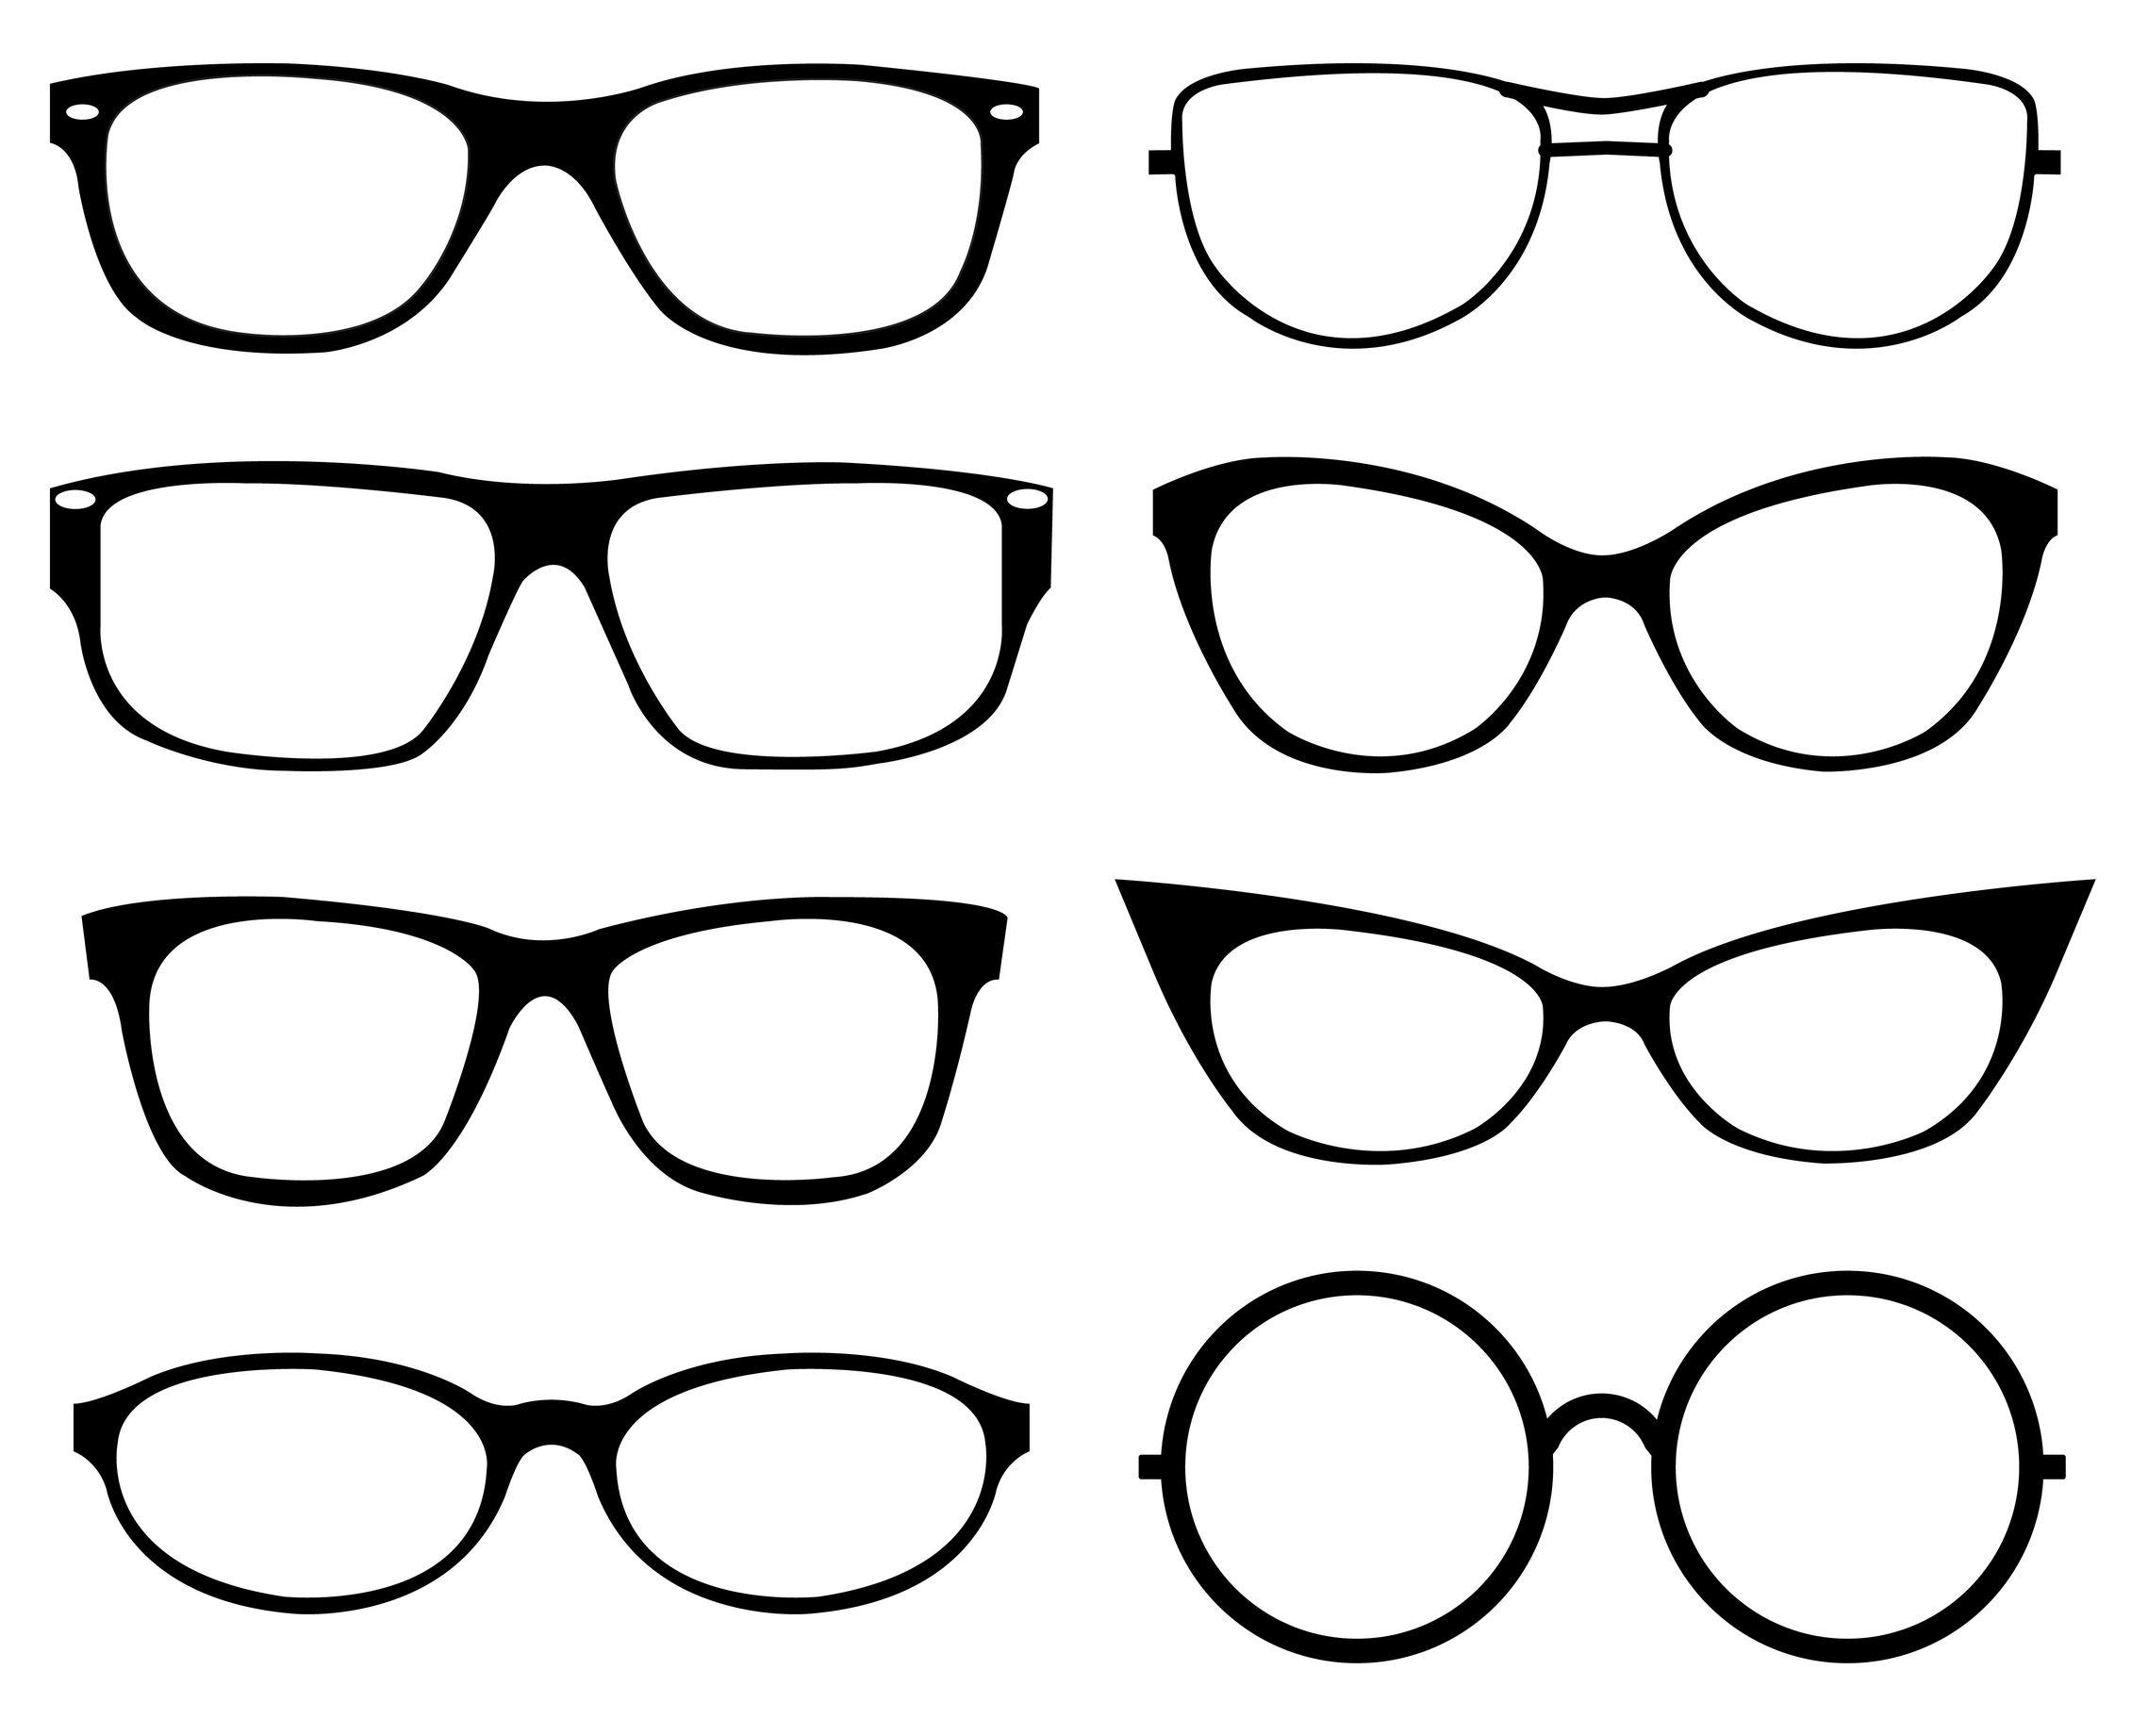 Comment prendre soin de ses lunettes?